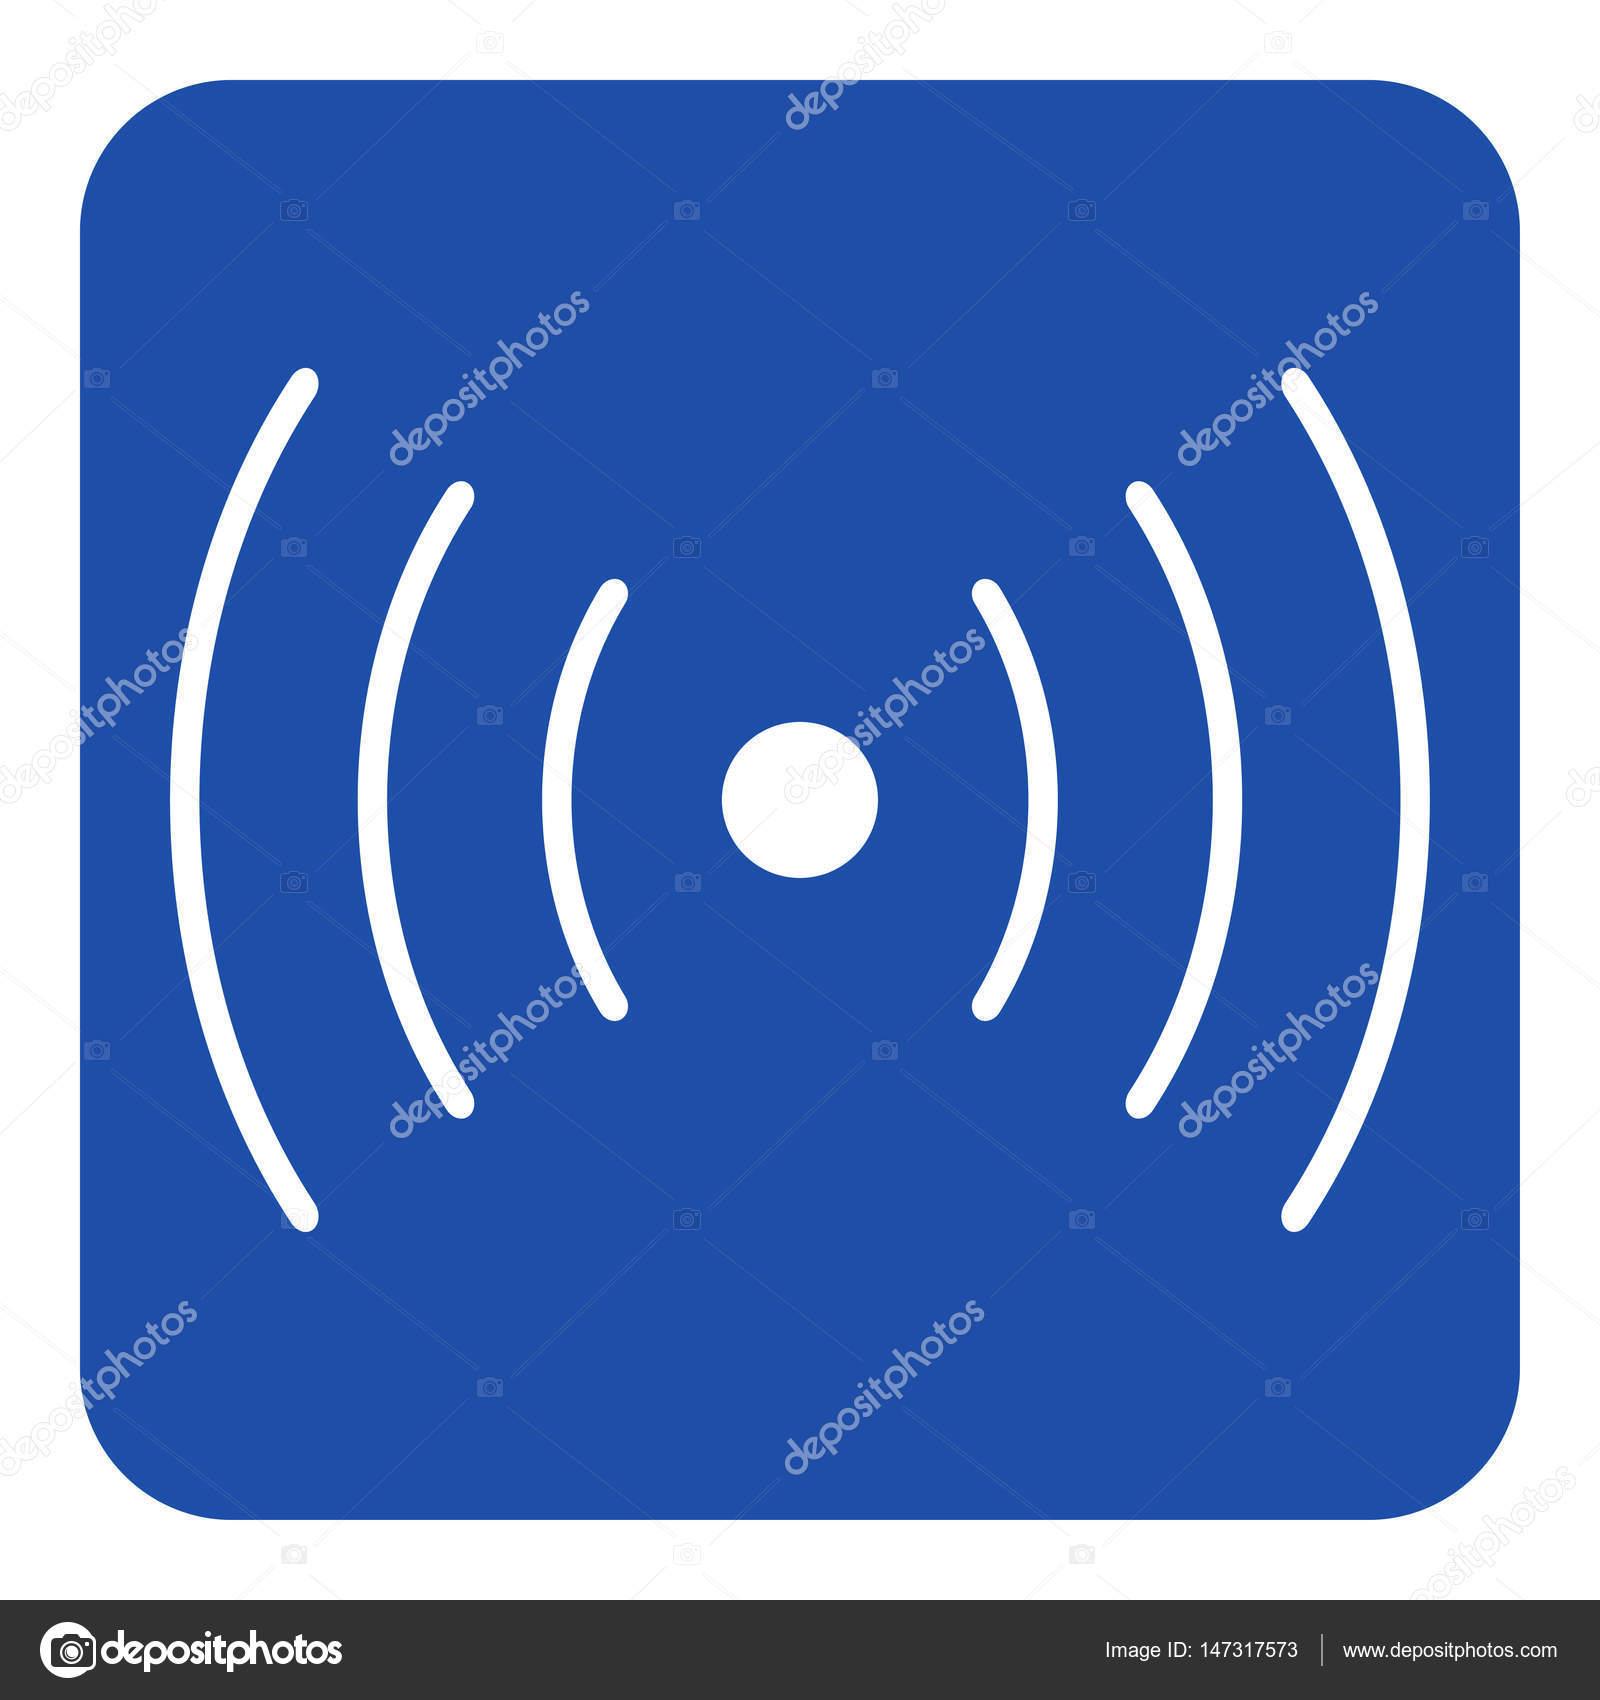 blau, weiße Zeichen - Ton, Vibration Symbol Symbol — Stockvektor ...